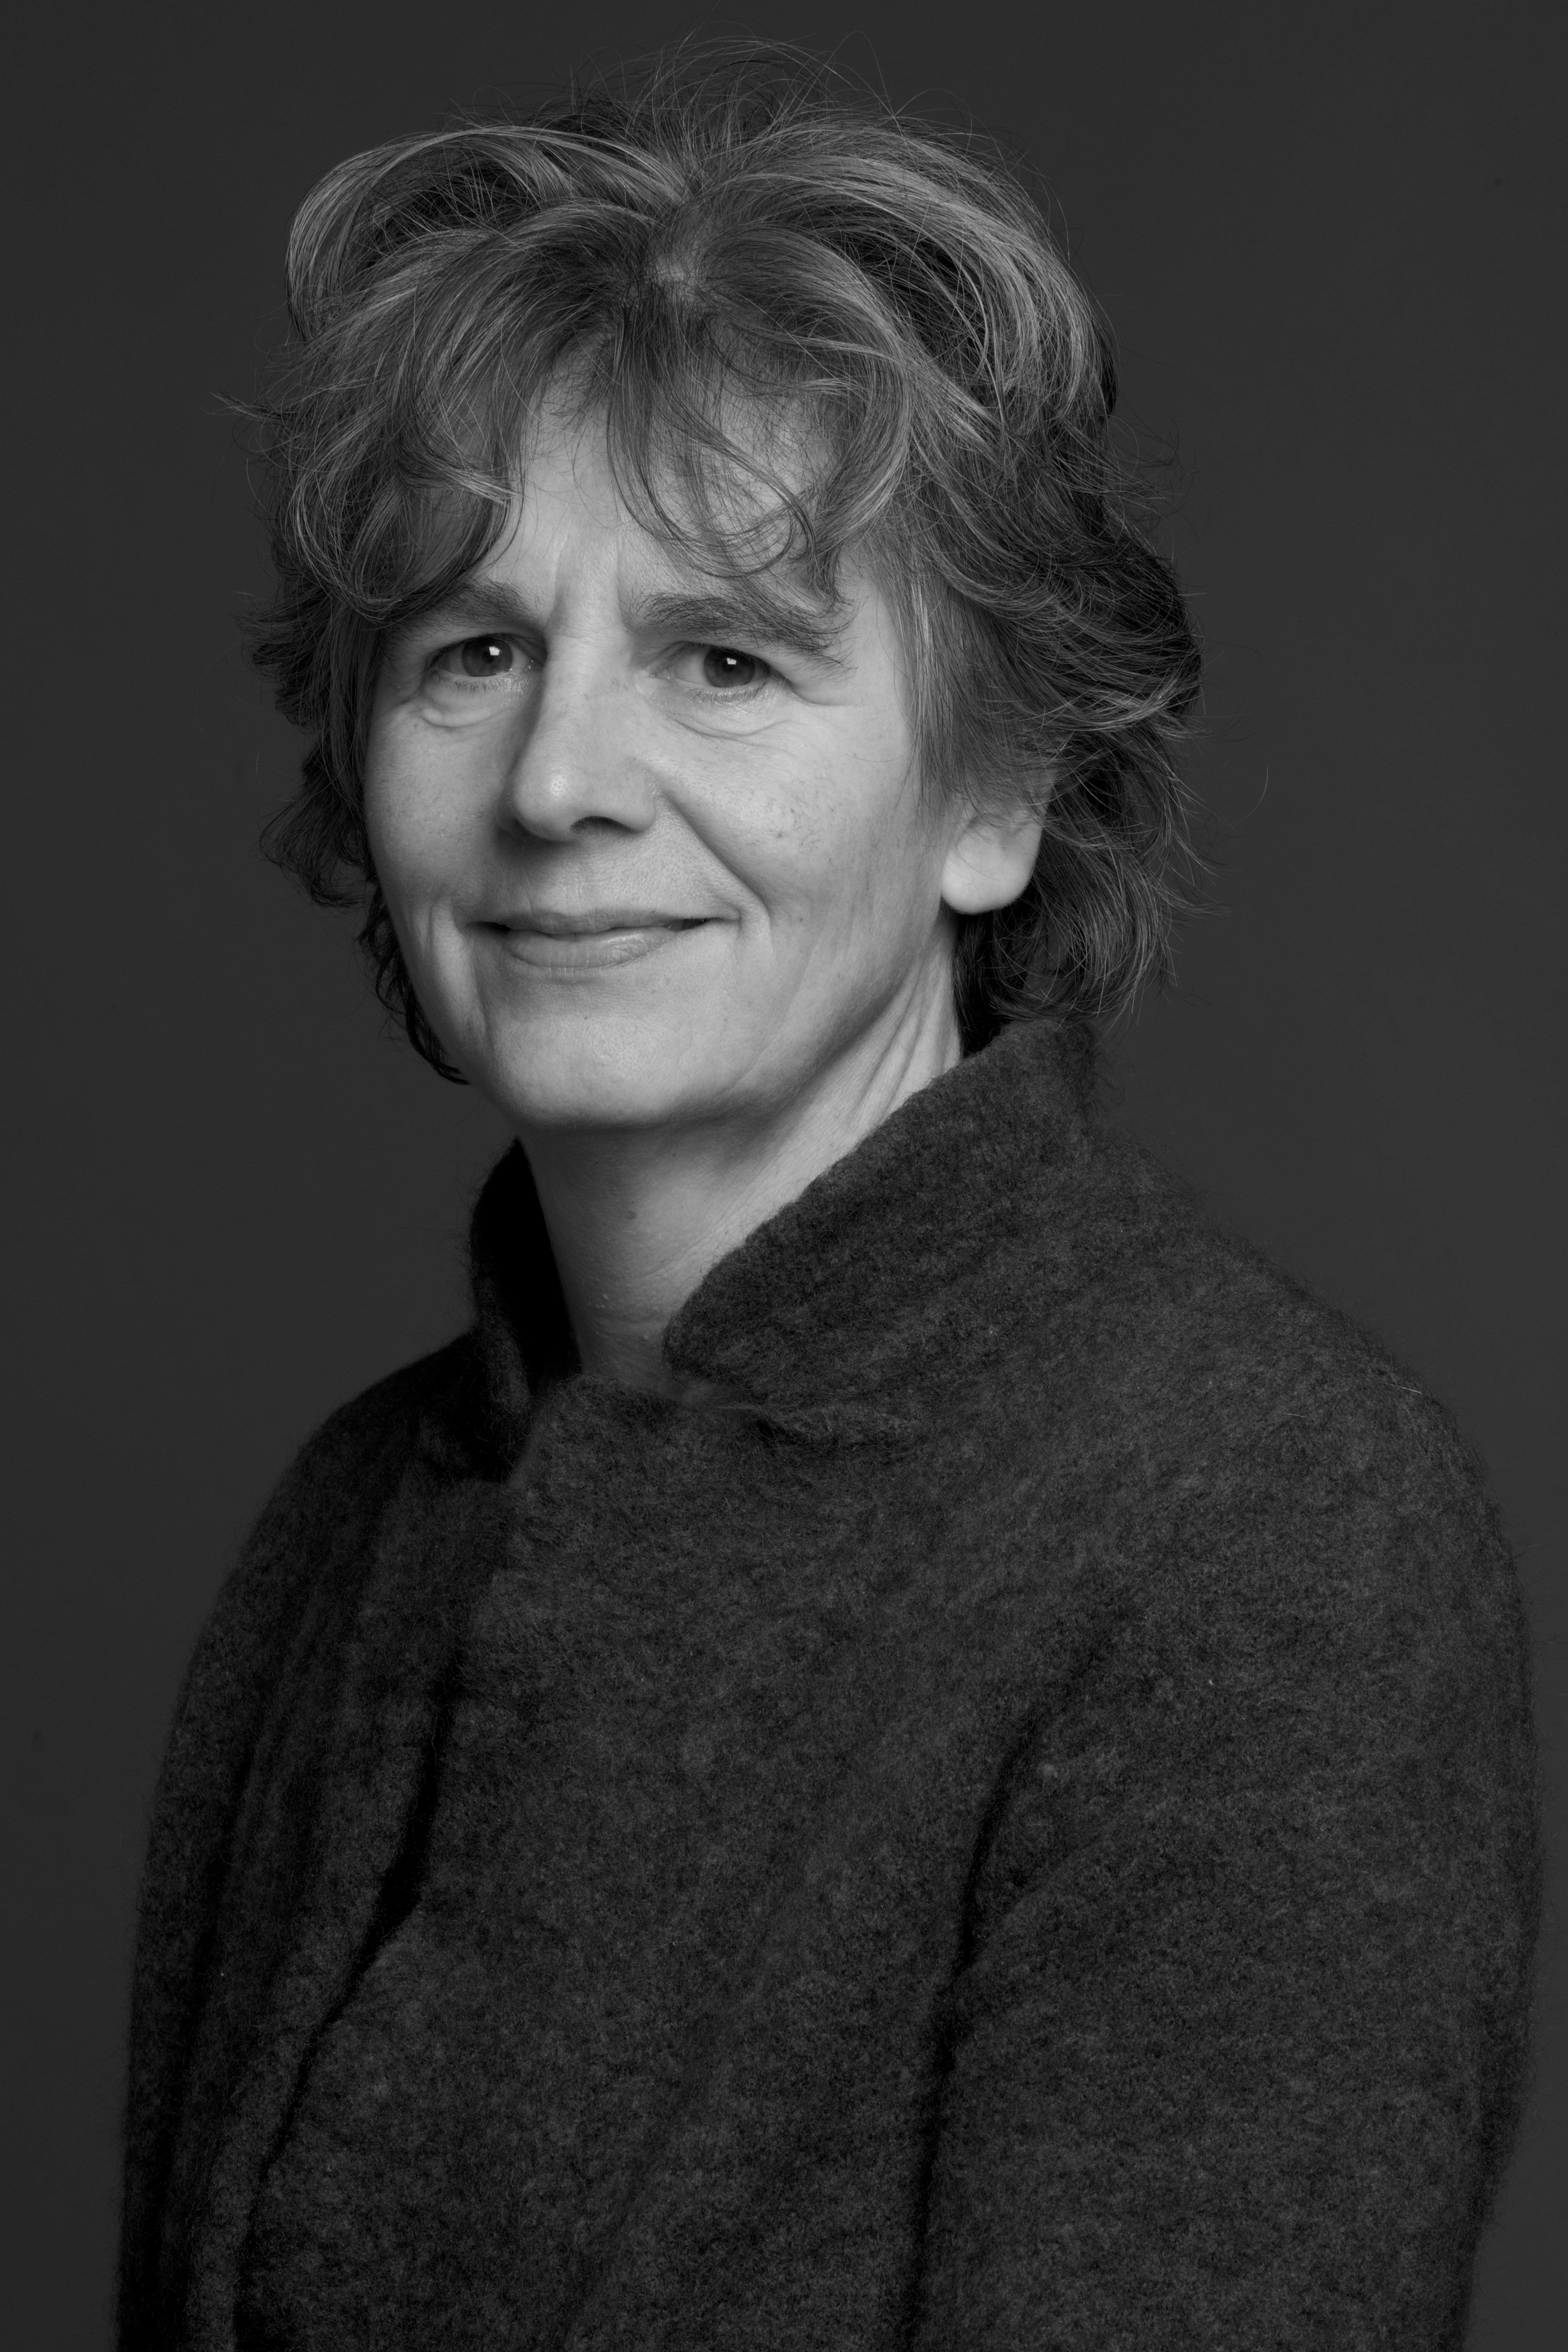 Annet Mooij